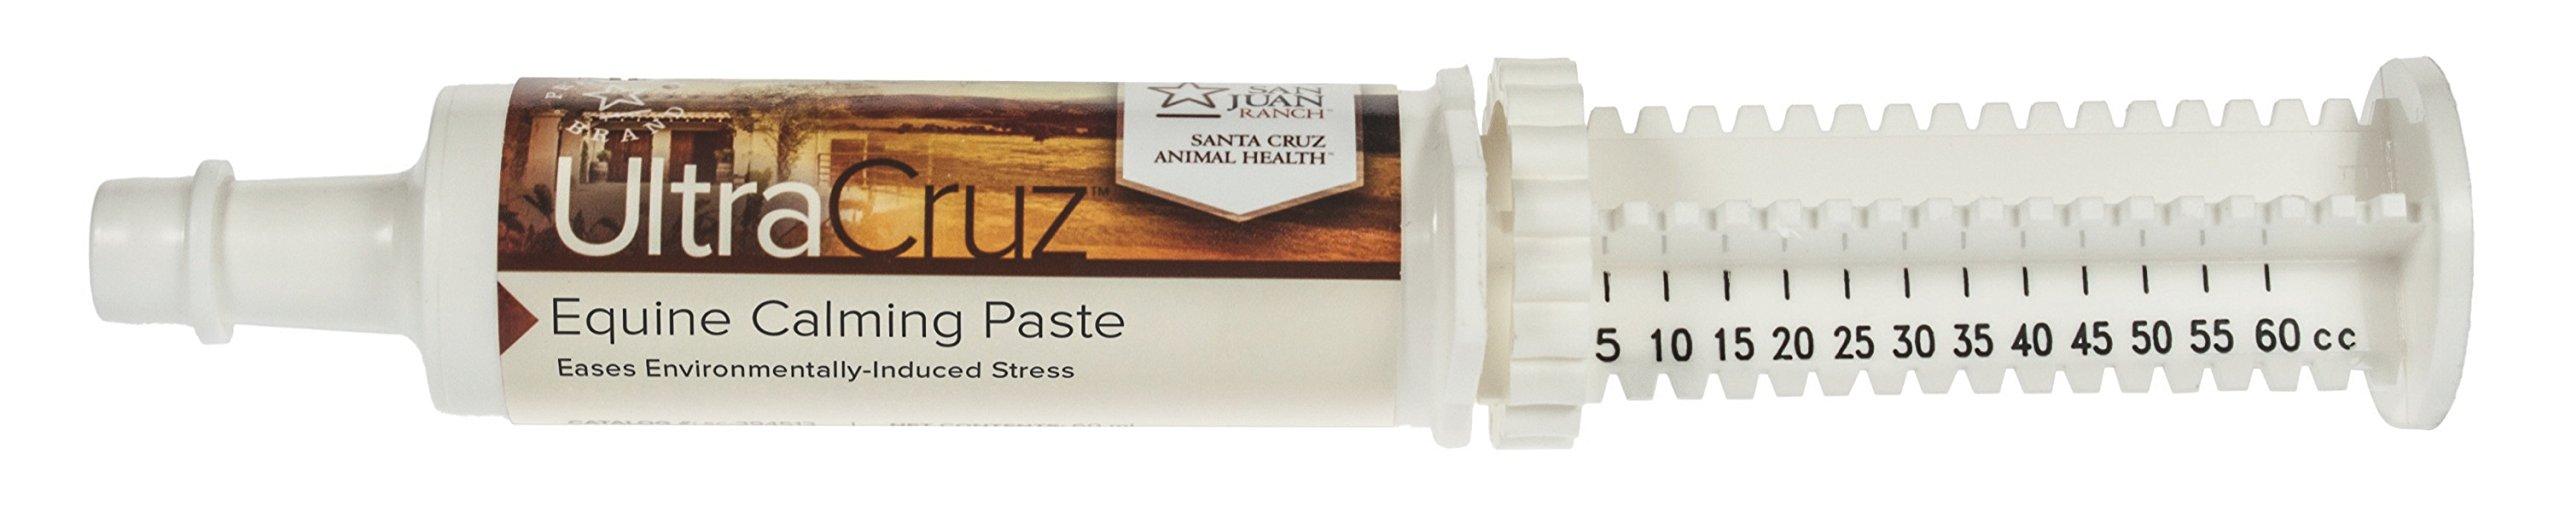 UltraCruz Equine Calming Supplement for Horses, 60 ml, Paste by UltraCruz